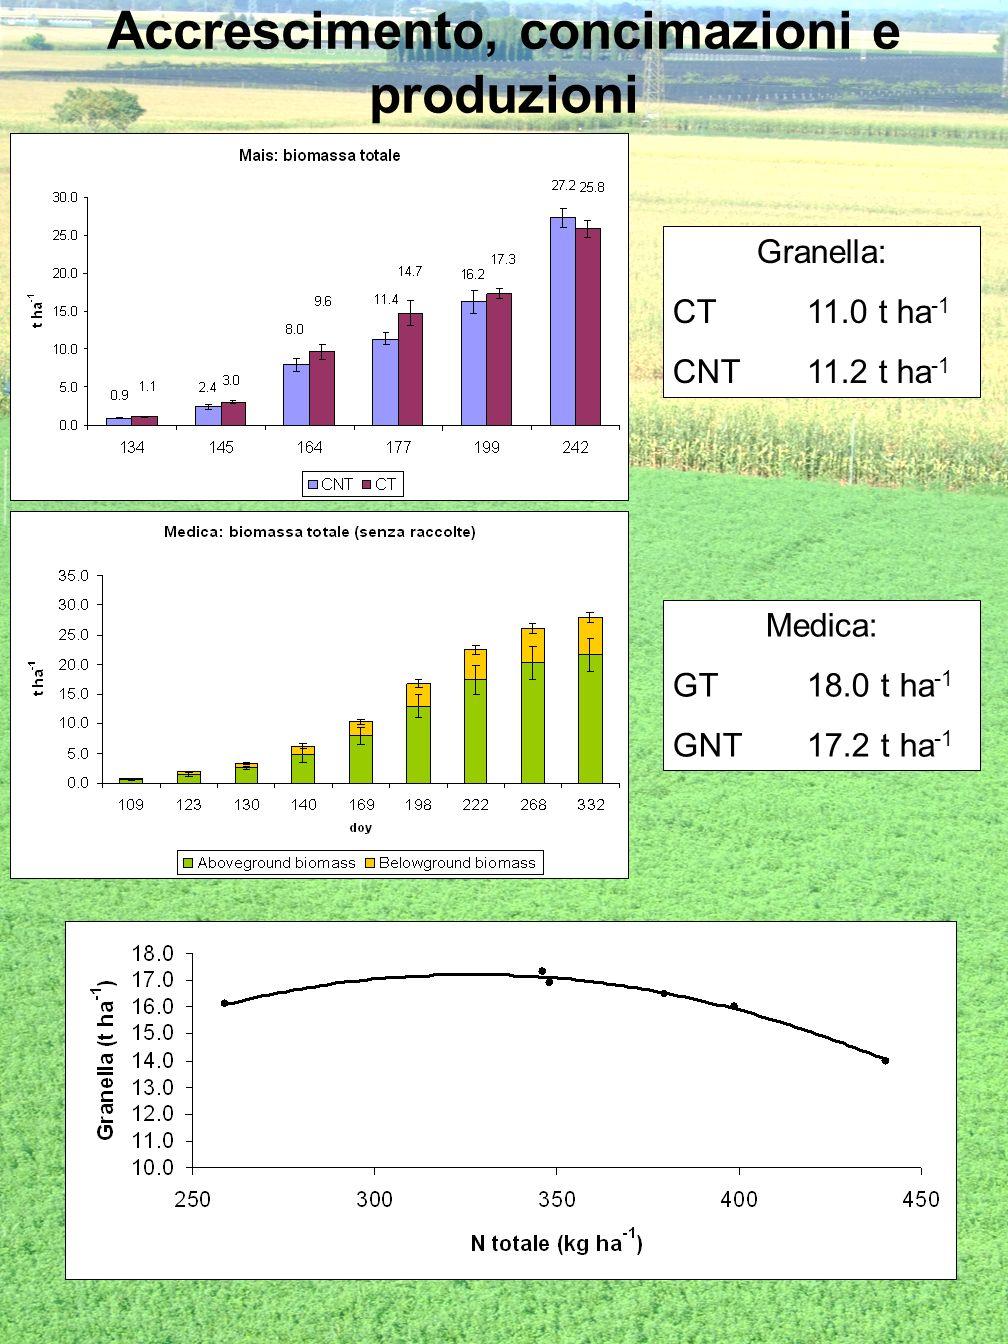 Accrescimento, concimazioni e produzioni Granella: CT11.0 t ha -1 CNT11.2 t ha -1 Medica: GT18.0 t ha -1 GNT17.2 t ha -1